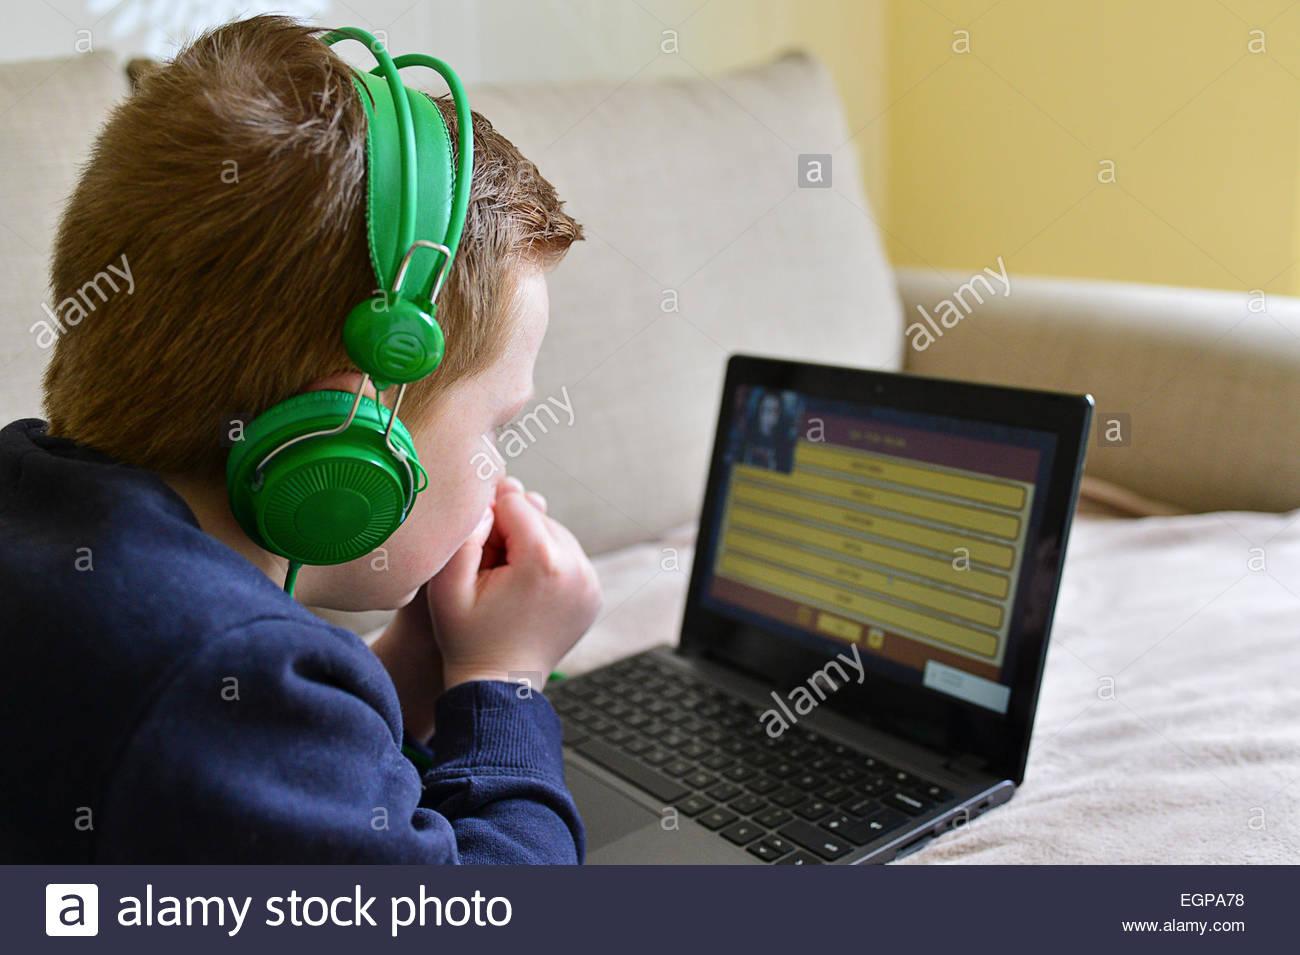 Jeune Garçon À Jouer En Ligne Jeux D'ordinateur Sur destiné Jeux Sur Ordinateur En Ligne